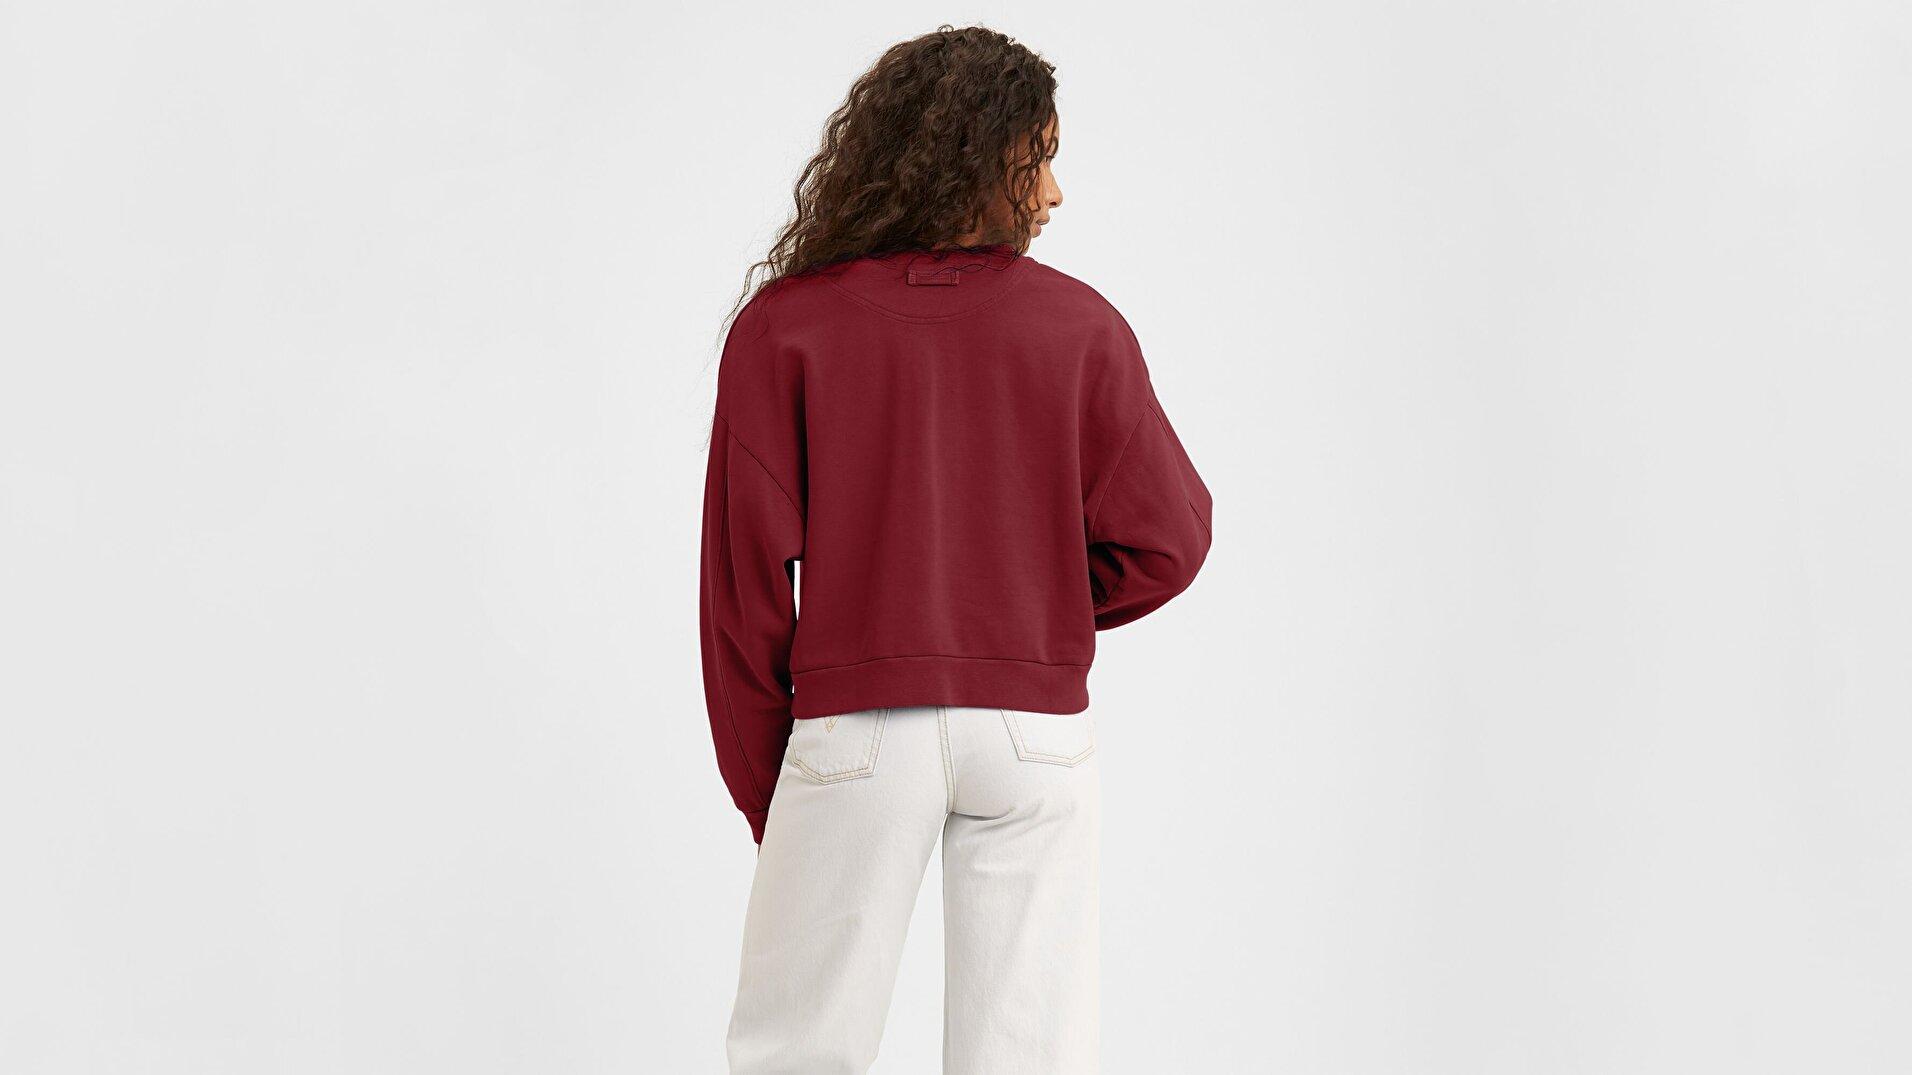 Diana Crew Tight Loops Kadın Kırmızı Sweatshirt